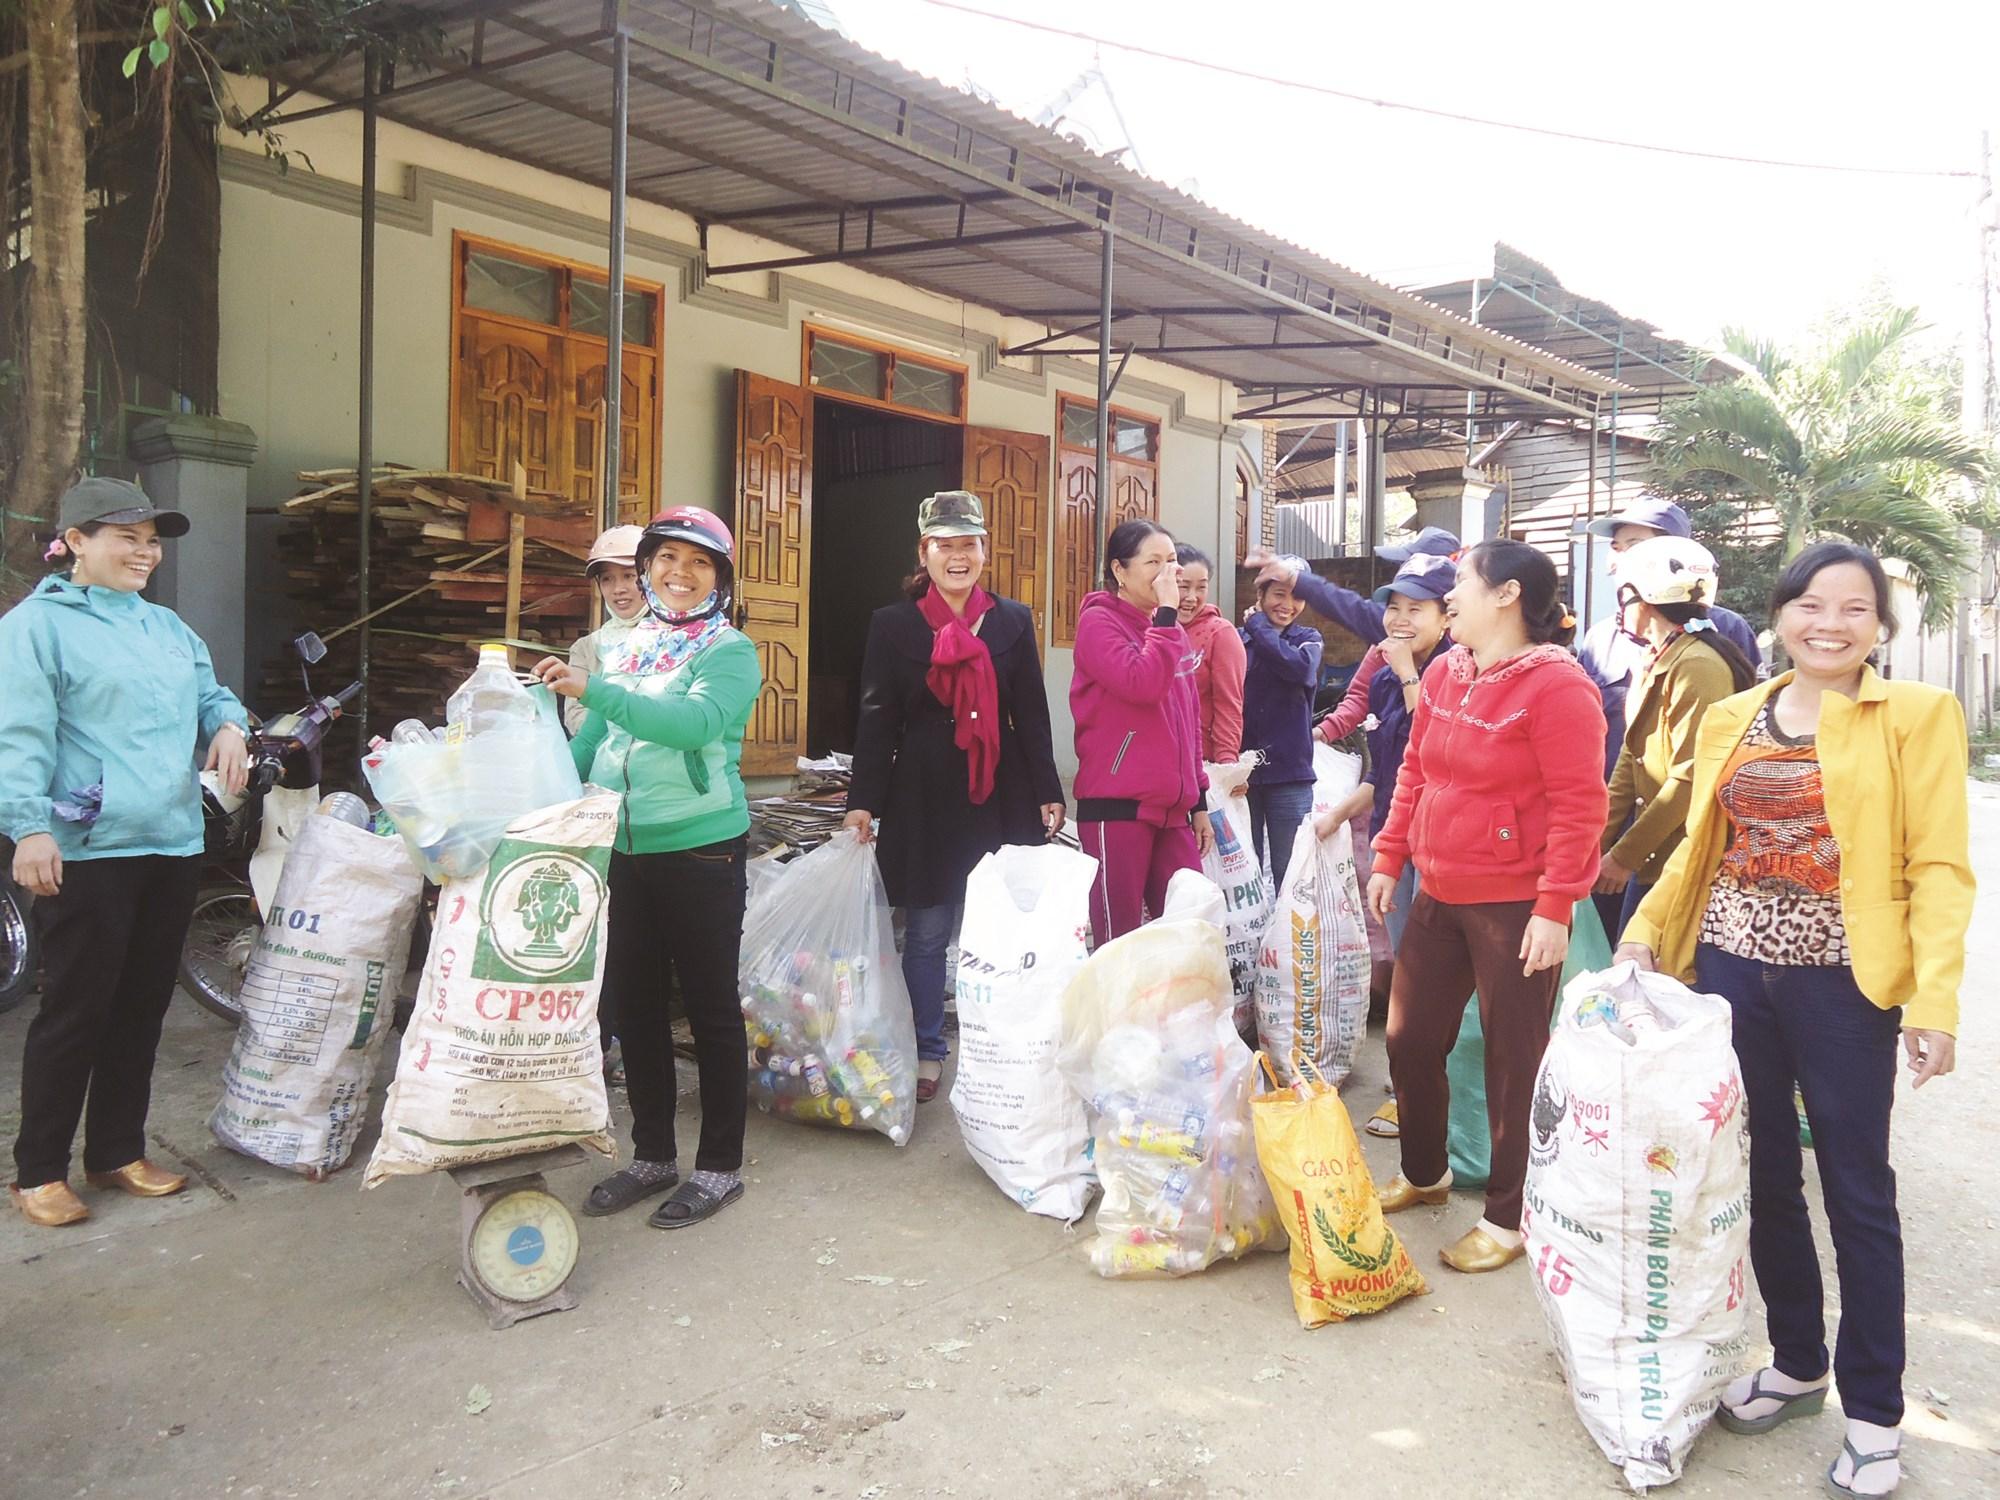 """CLB """"Biến rác thành tiền"""" của Hội LHPN thị trấn Kbang đã thu hút rất nhiều hội viên tham gia."""